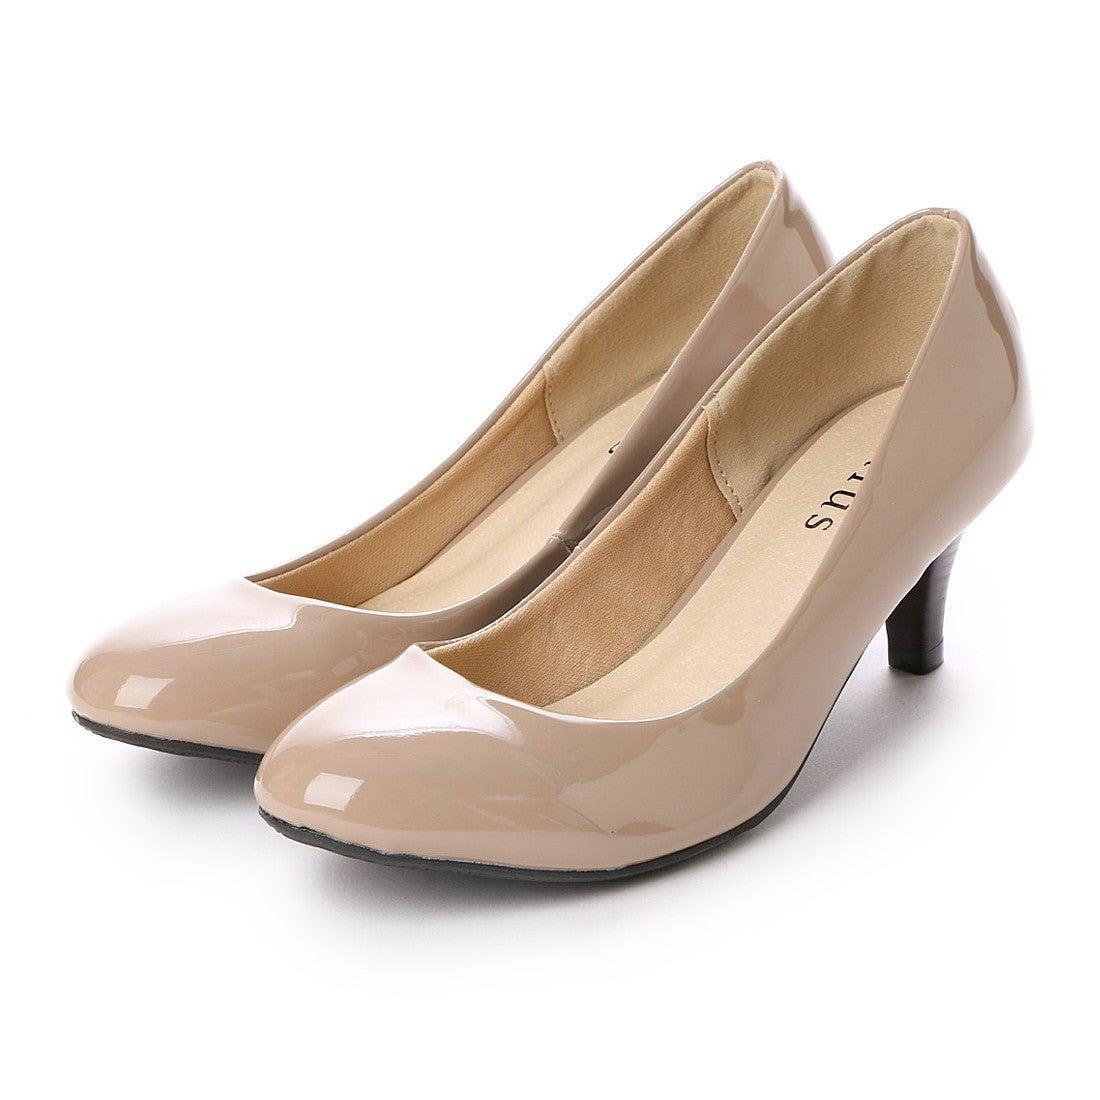 サルース salus ラウンドトゥ楽チンミドルヒールパンプス (ベージュエナメル) ,靴&ファッション通販 ロコンド〜自宅で試着、気軽に返品